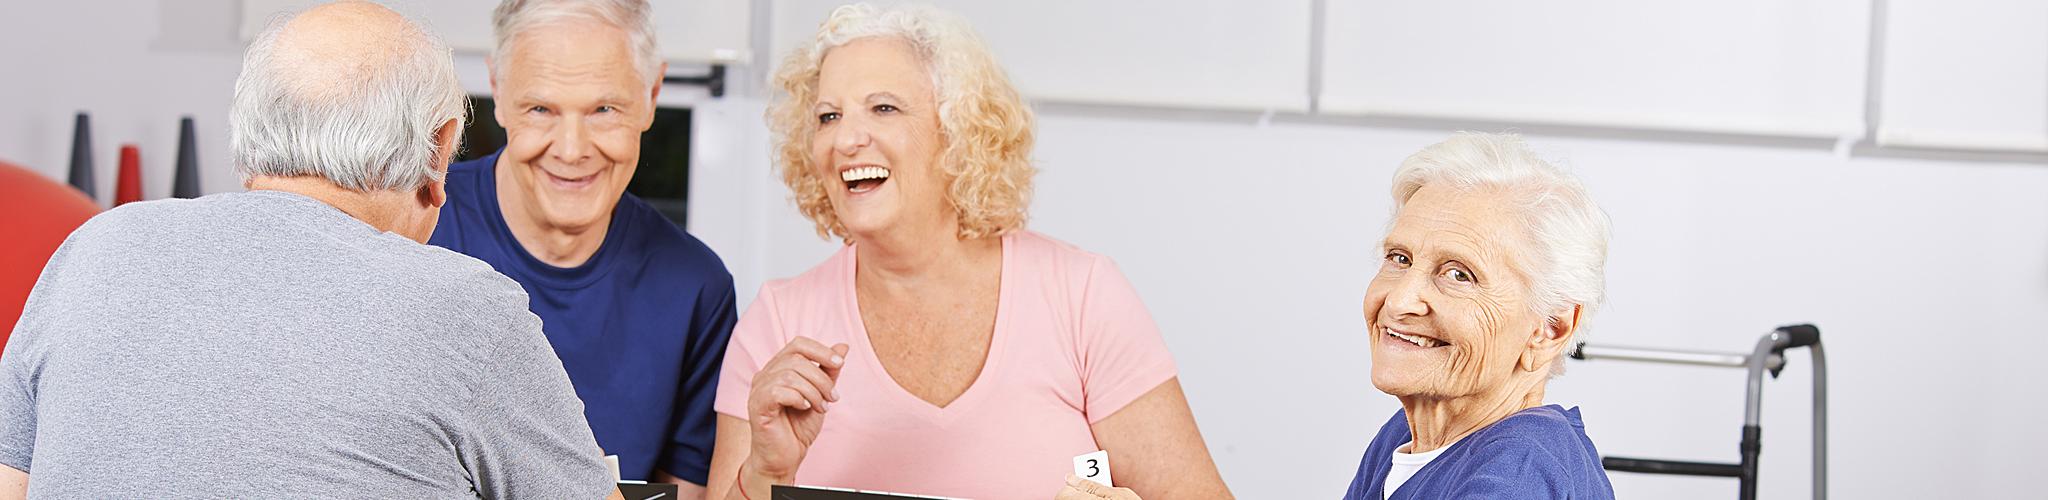 Ältere Menschen beim Kartenspiel